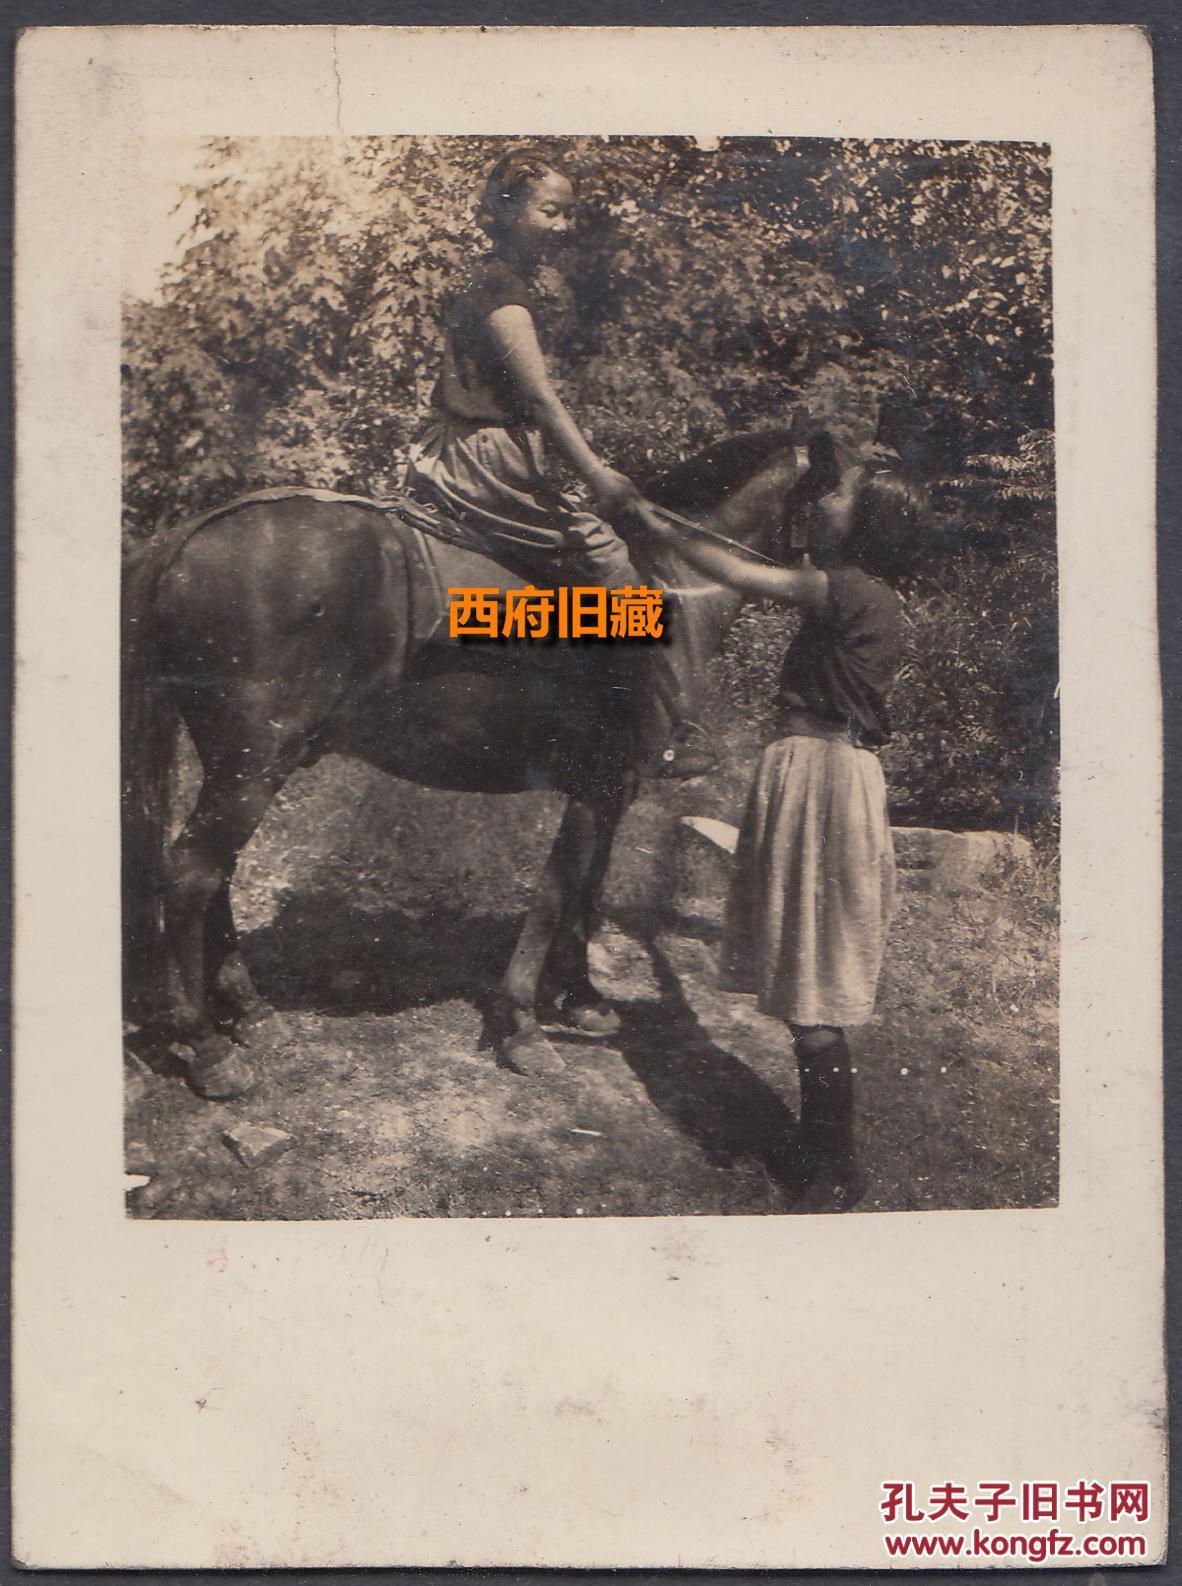 民国老照片,练习骑马的两个女童子军